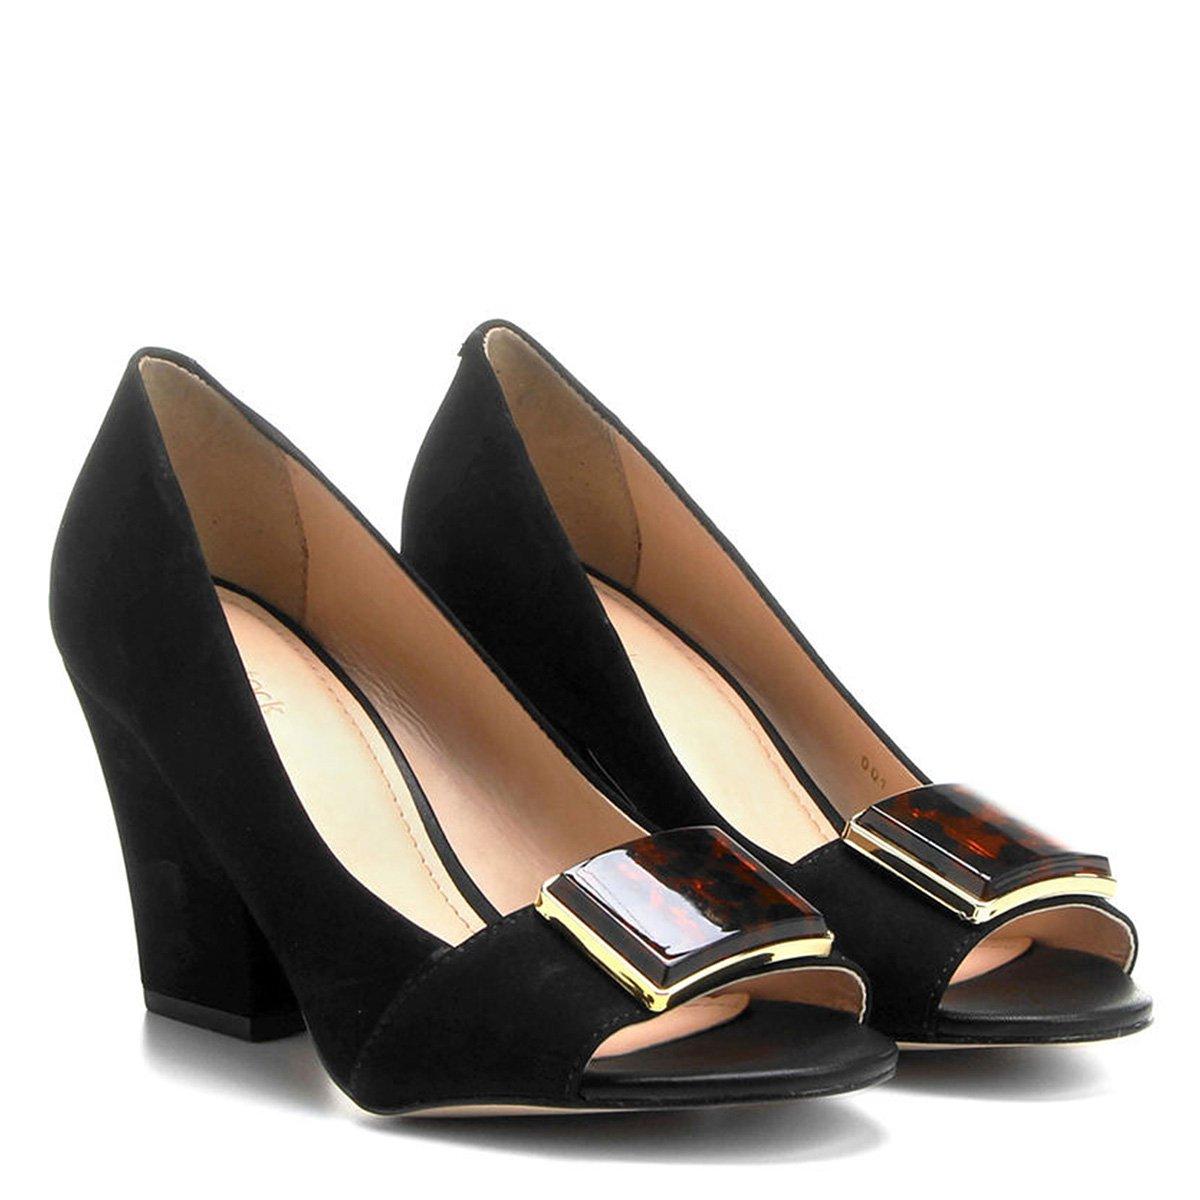 8cb9677dd Peep Toe Couro Shoestock Salto Grosso Fivela Acrílico Onça - Preto - Compre  Agora